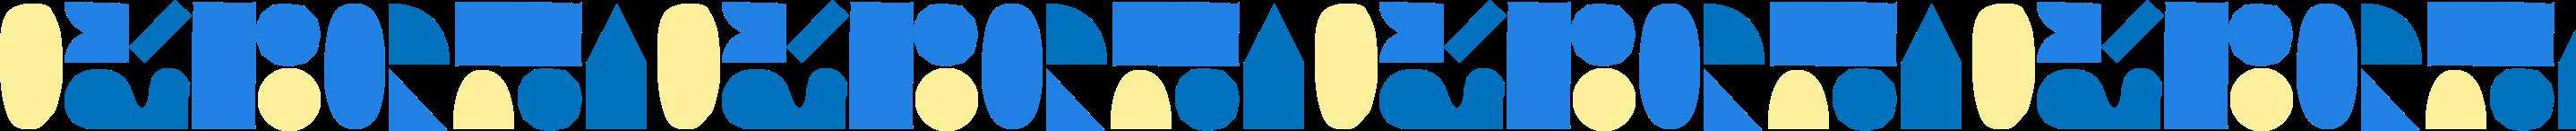 Työryhmien tuotokset